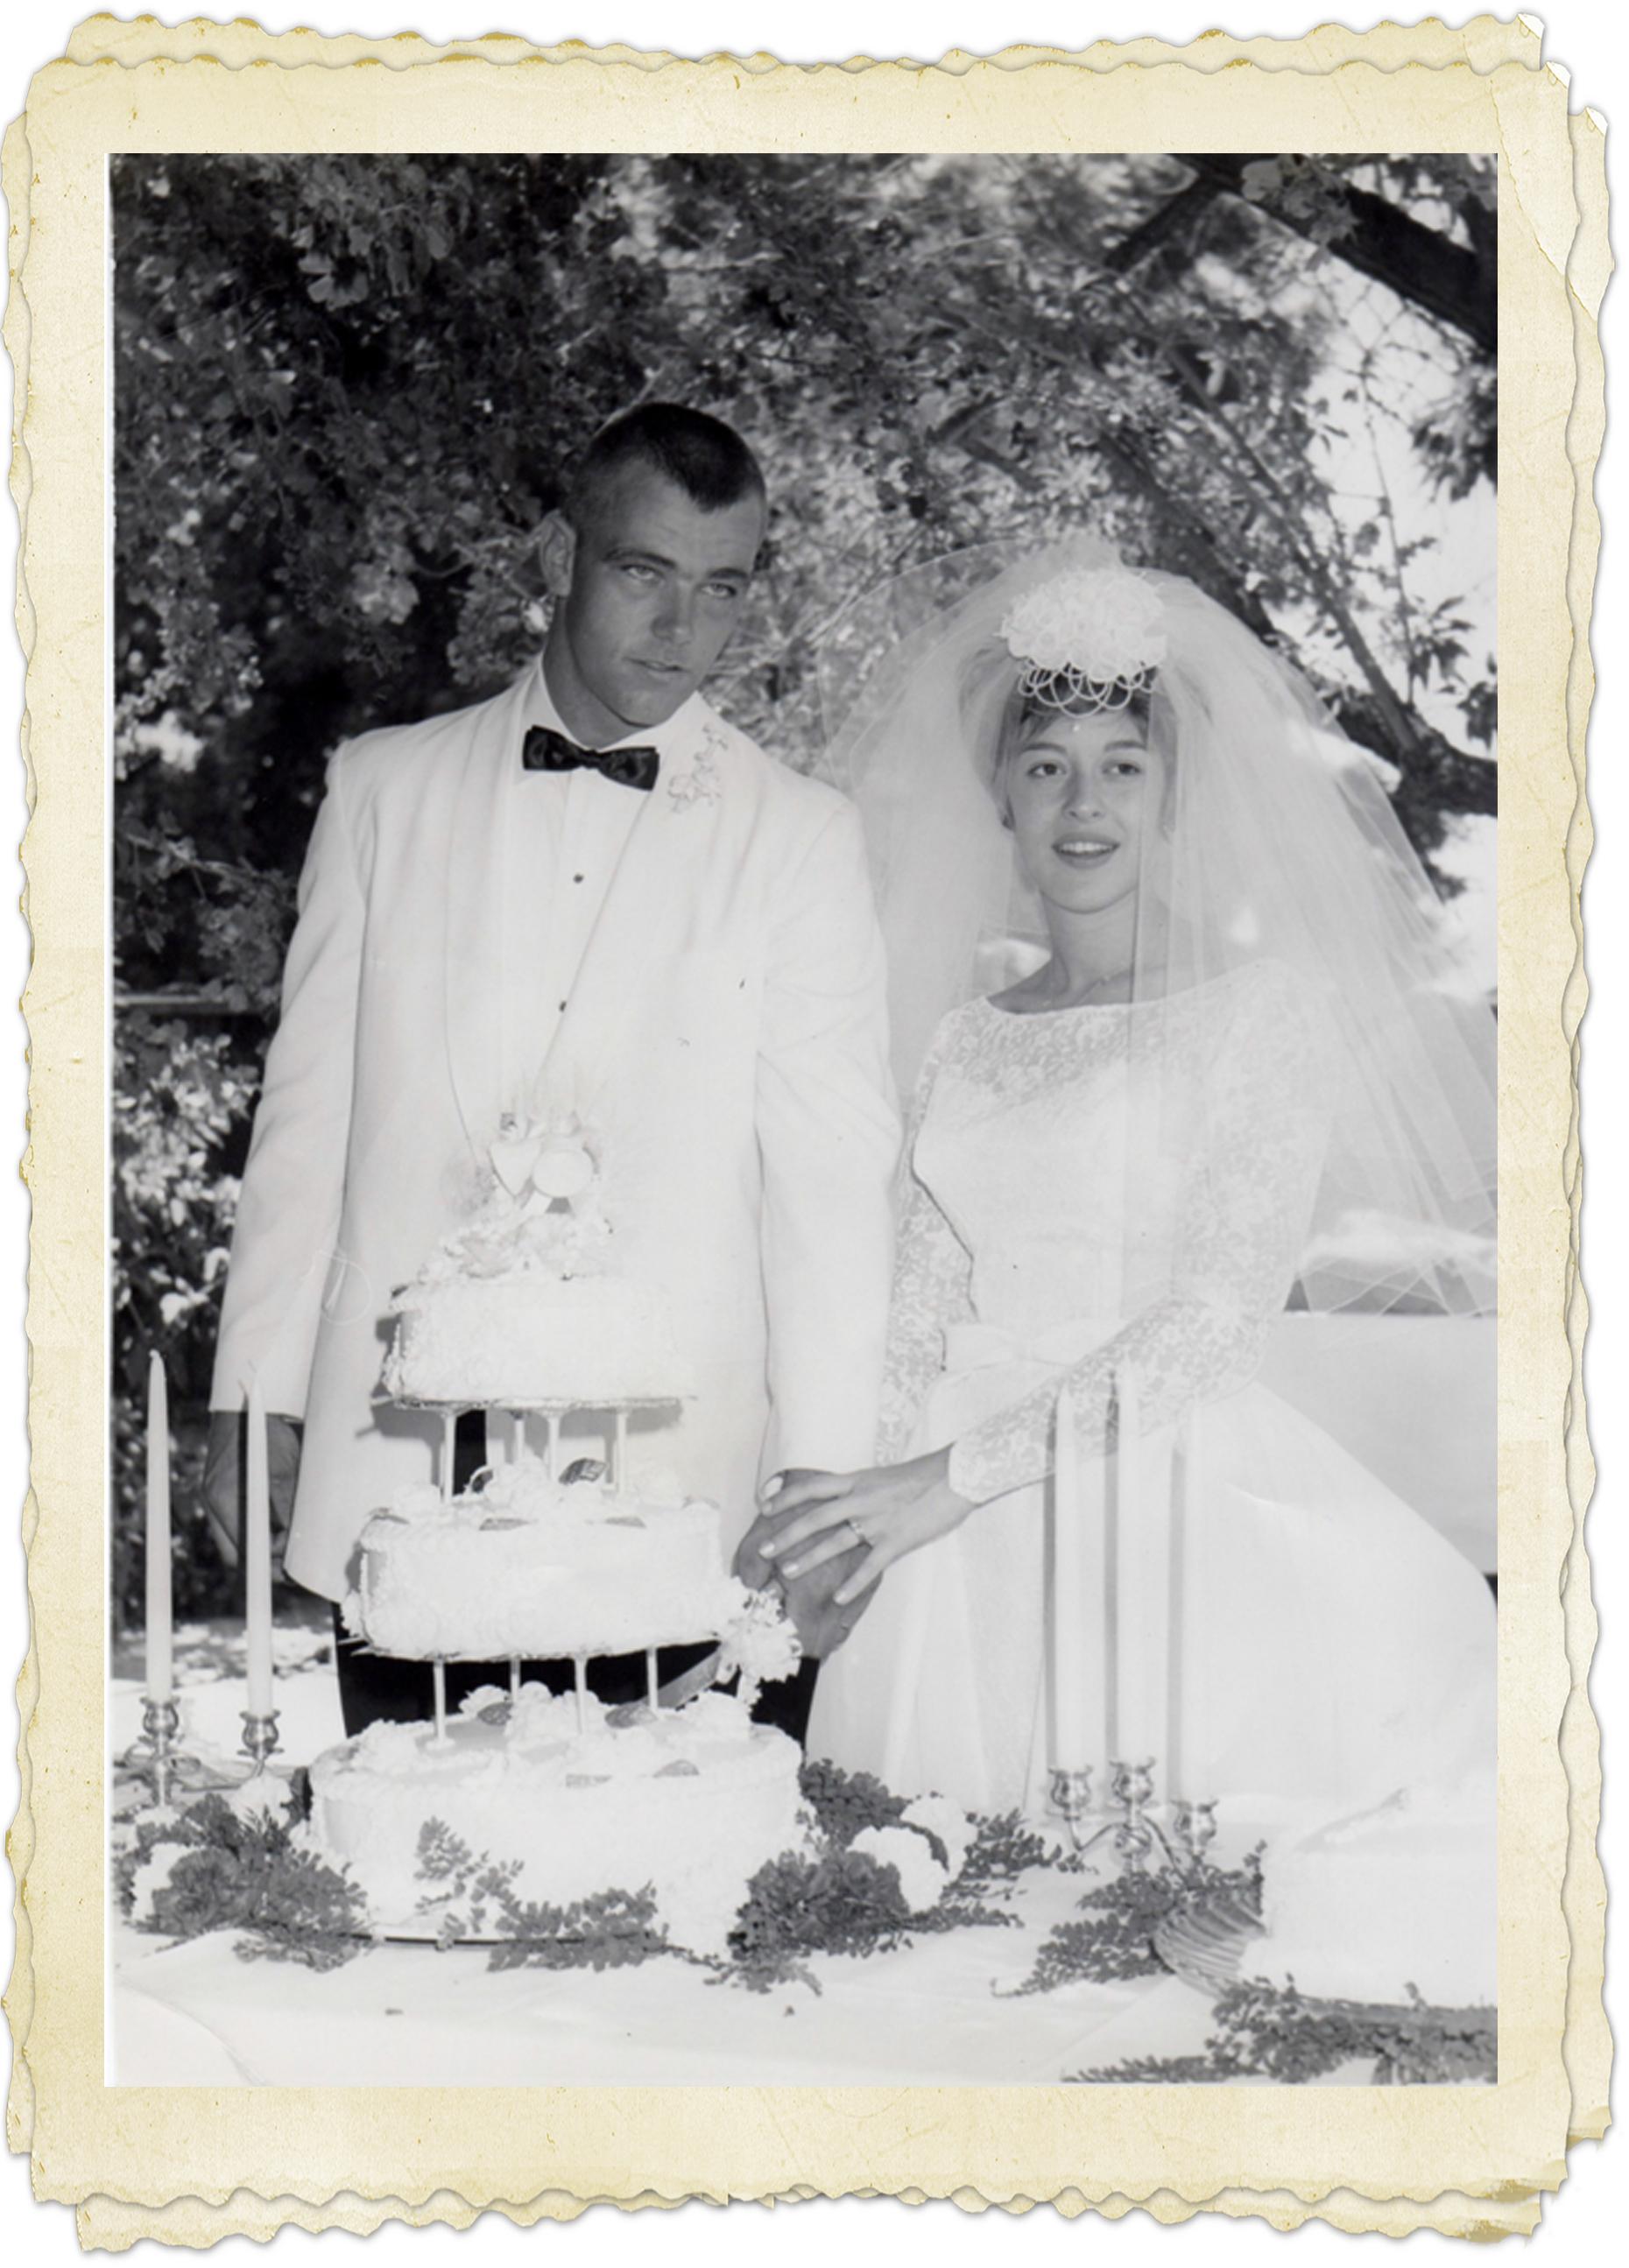 July 20, 1963